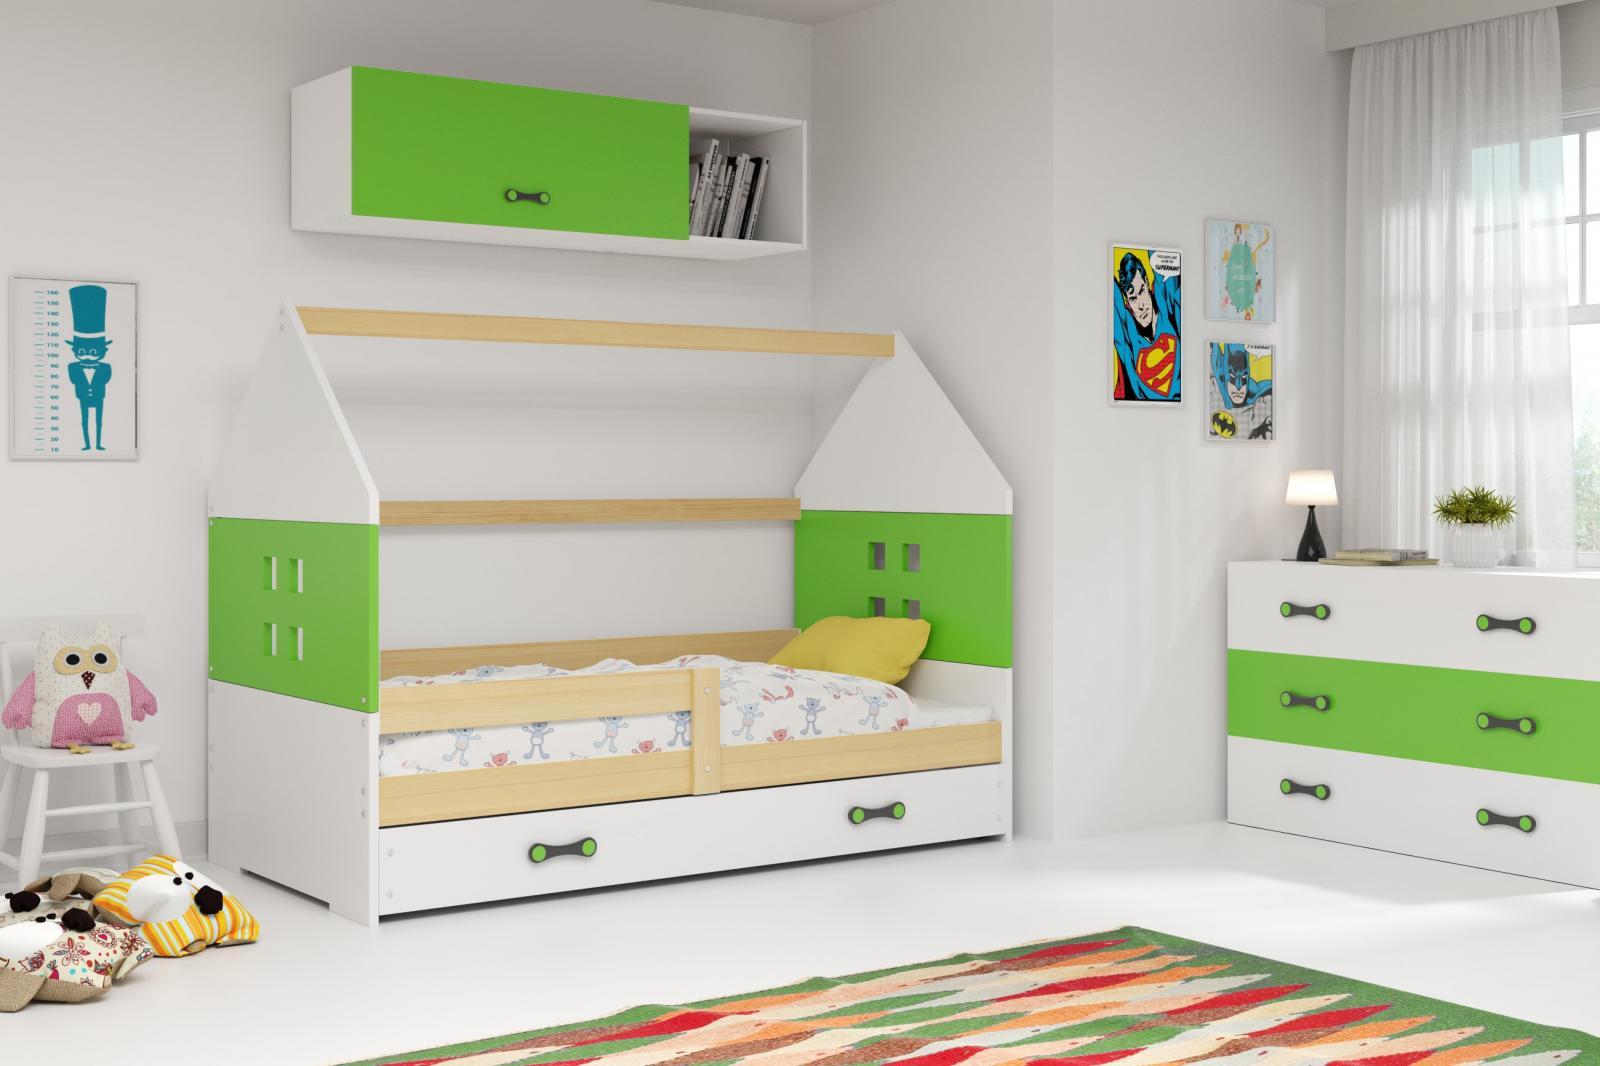 Dětská postel Dominik 80x160 borovice/zelená/bílá